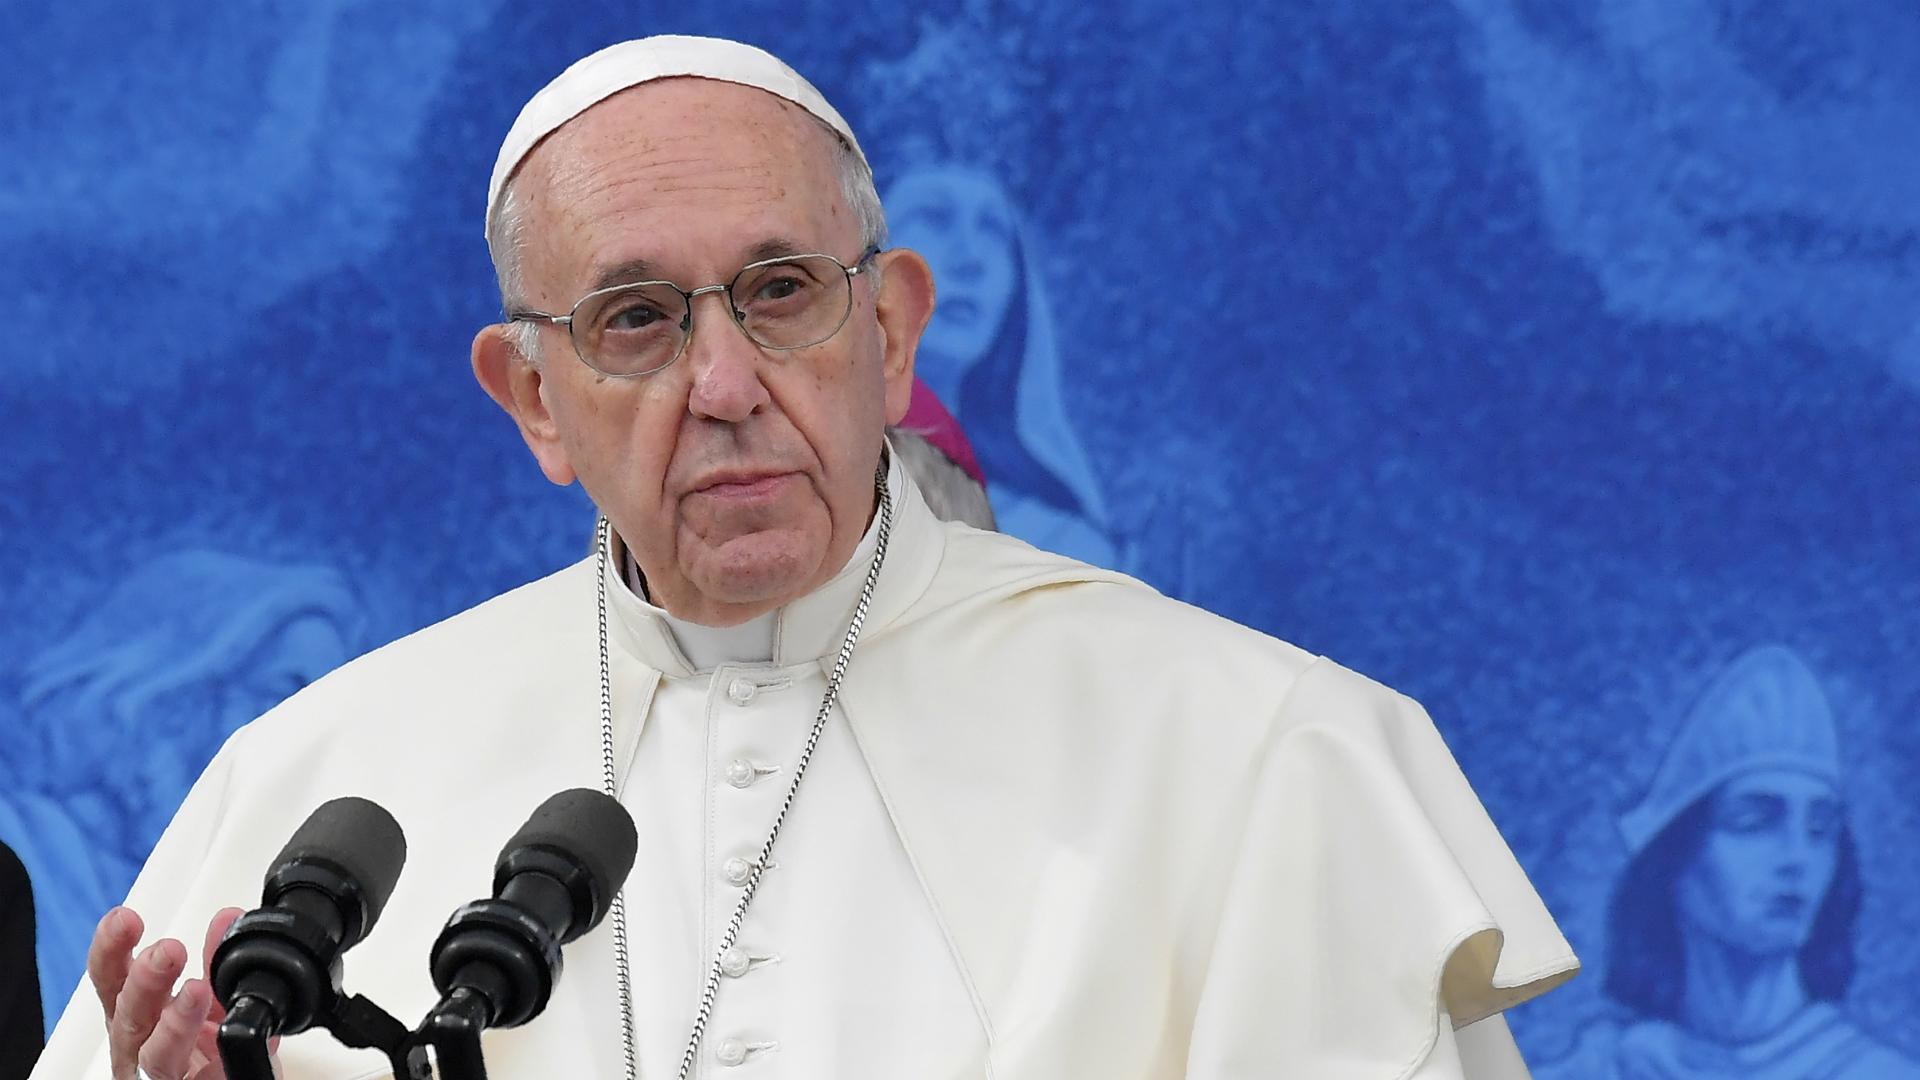 Críticas por los dichos del papa Francisco sobre Venezuela y Nicaragua (AFP)